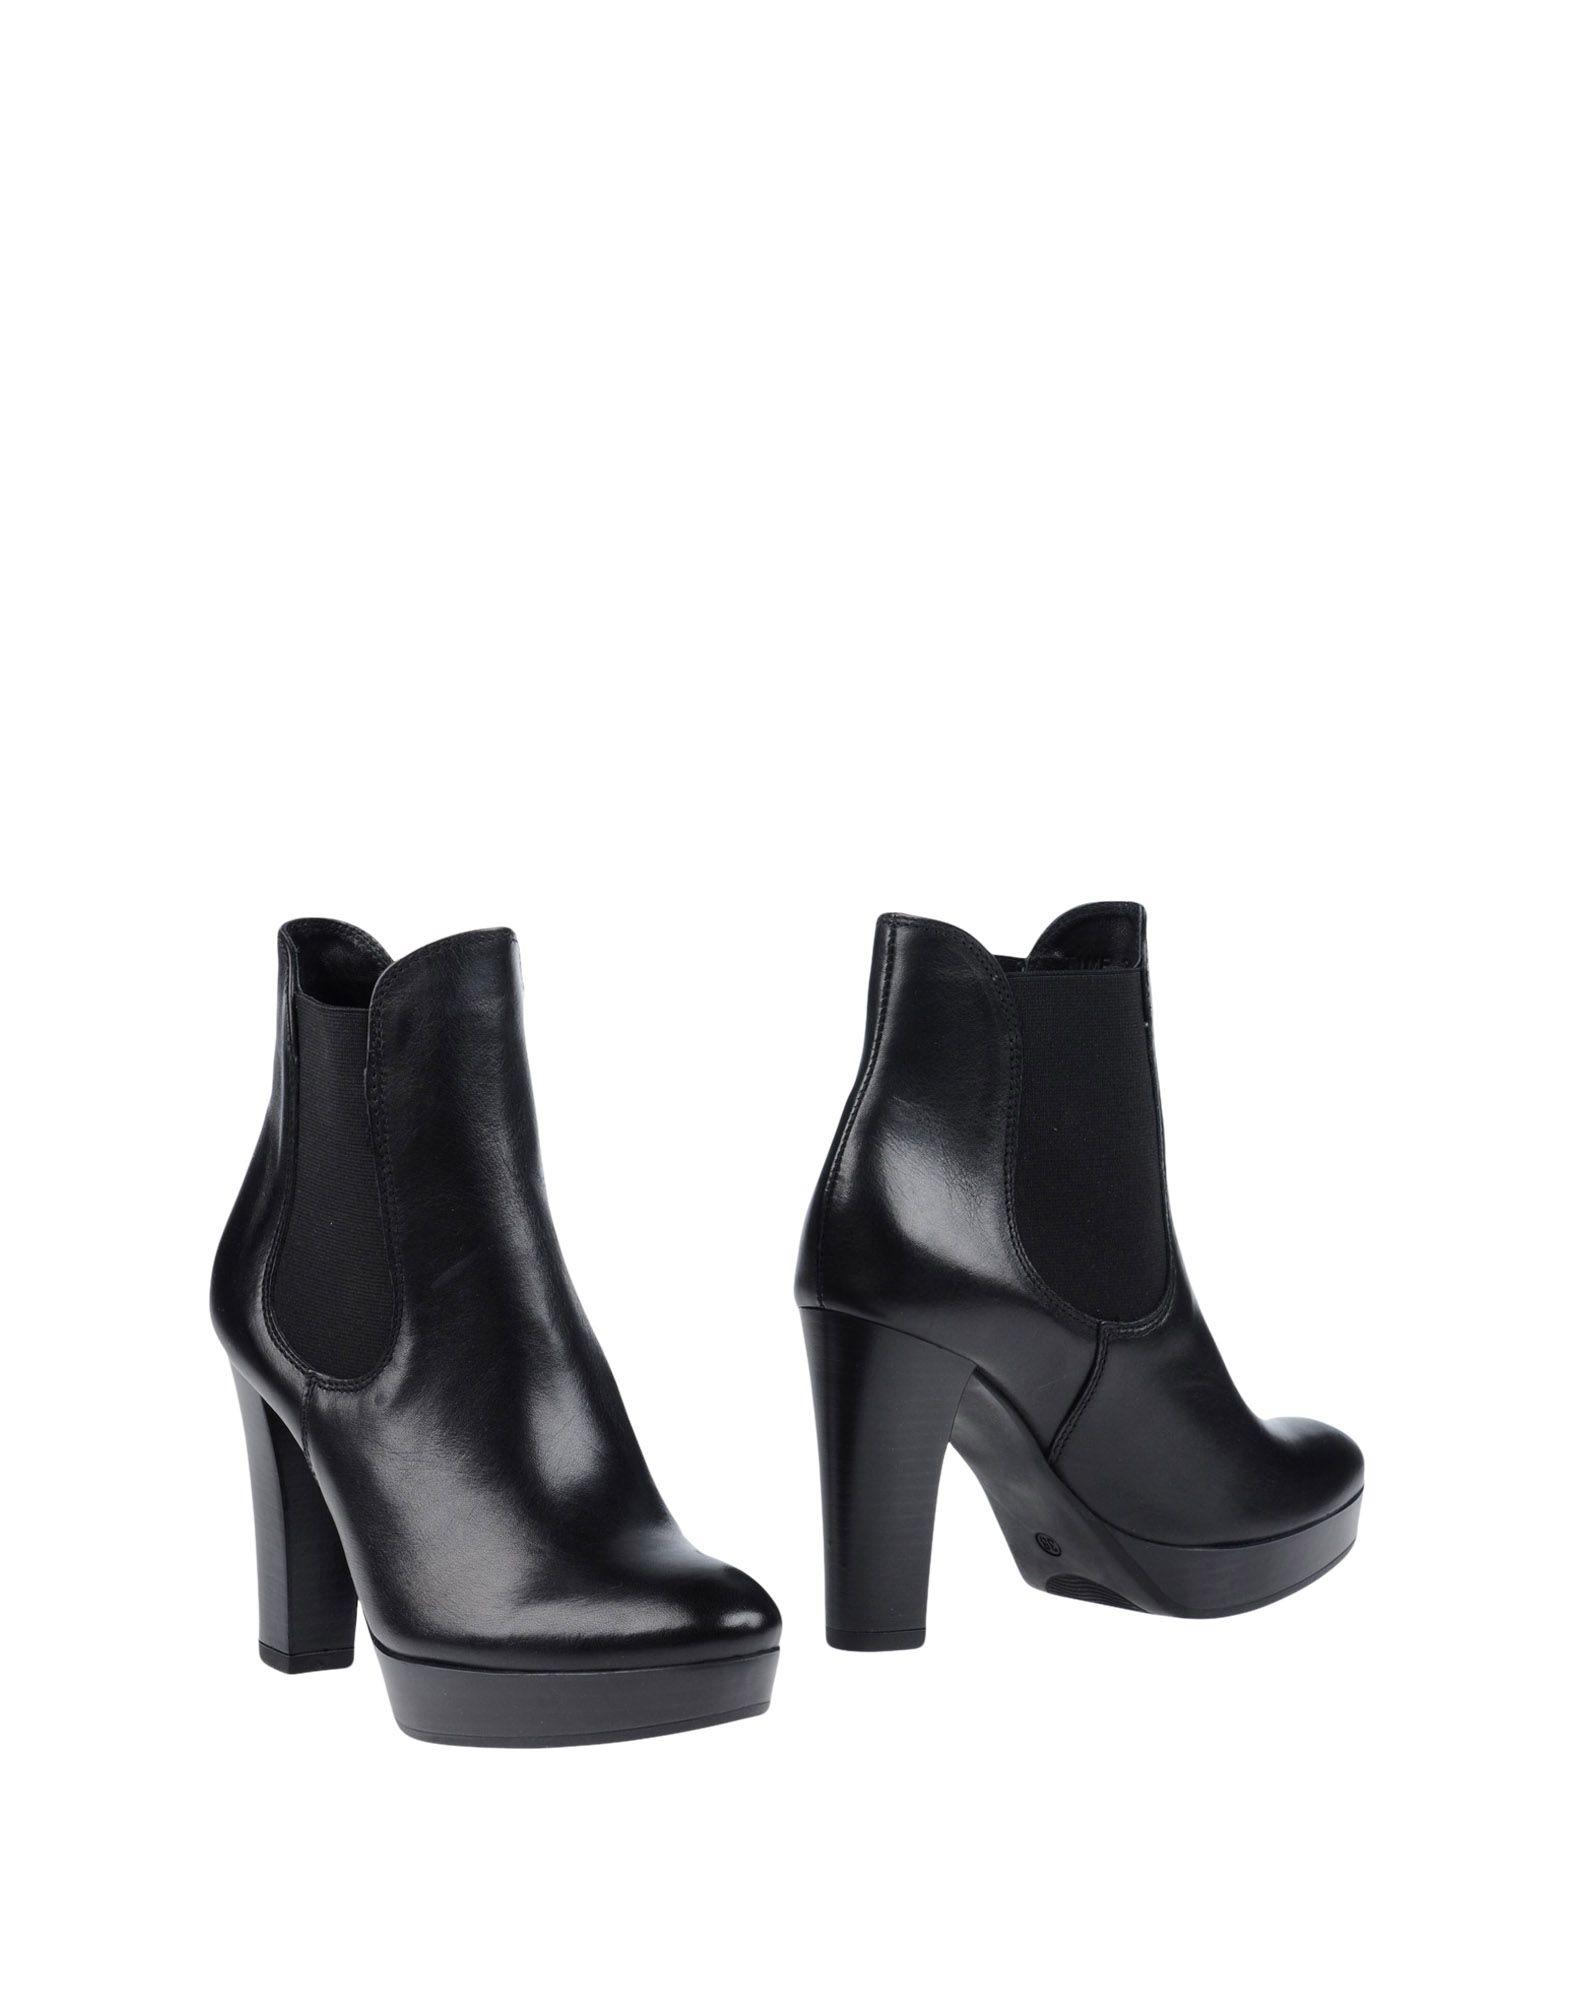 Chelsea Boots Fabbrica Deicolli Donna - - Donna 11255091FG b8c2f6